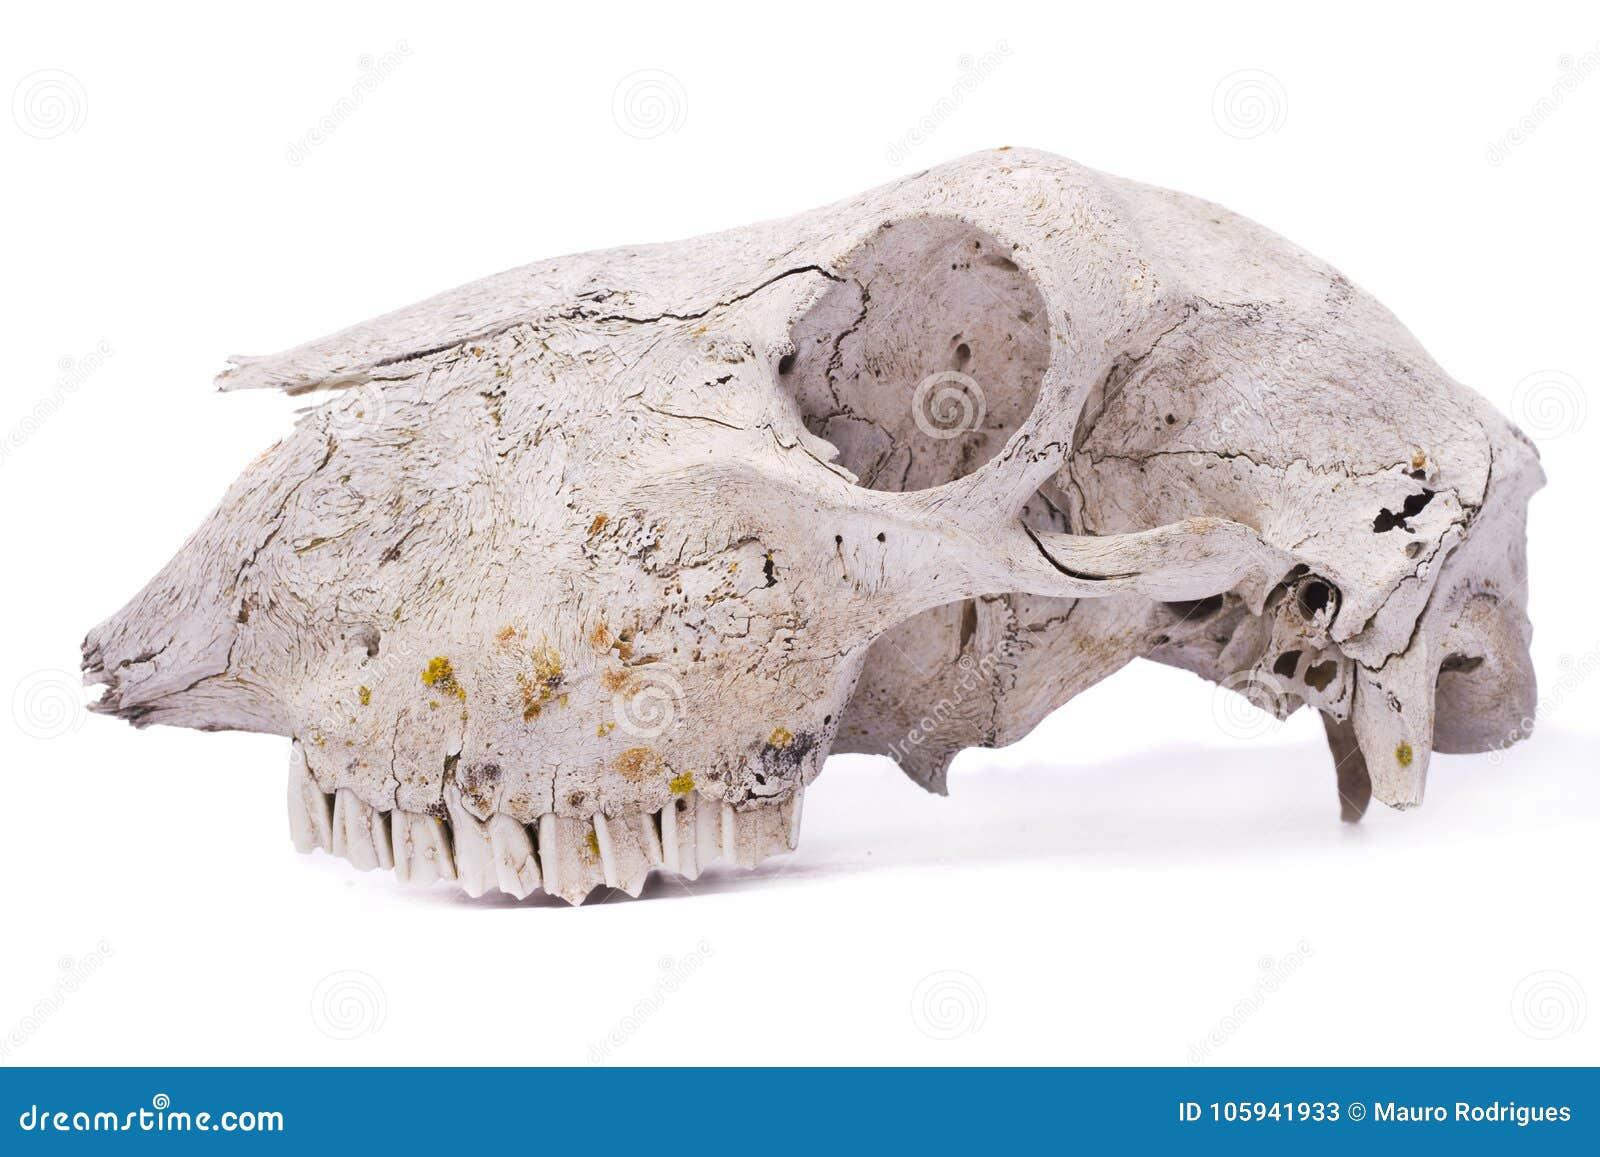 Cráneo de las ovejas imagen de archivo. Imagen de anatomía - 105941933